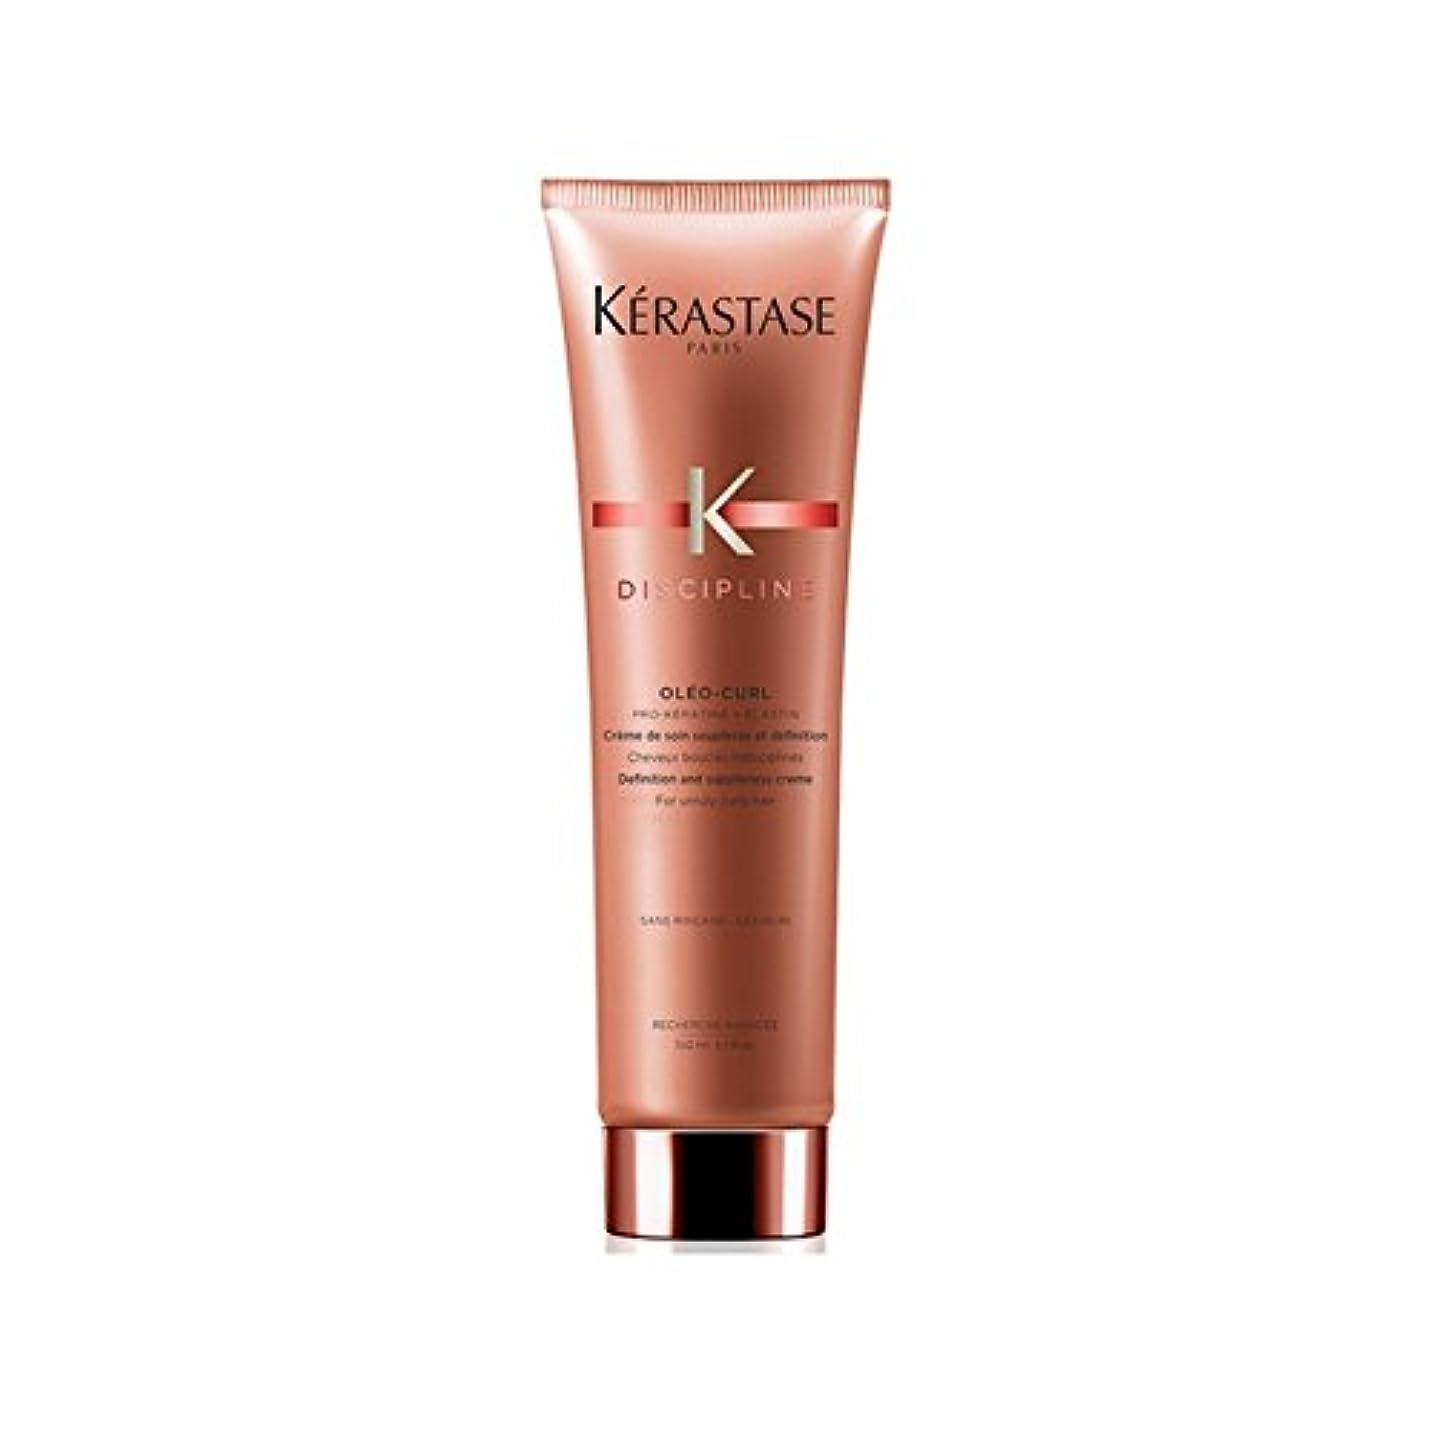 知人まっすぐにする変換するK?rastase Discipline Curl Ideal Cleansing Conditioner 400ml (Pack of 6) - 理想的なクレンジングコンディショナー400ミリリットルカールケラスターゼ...